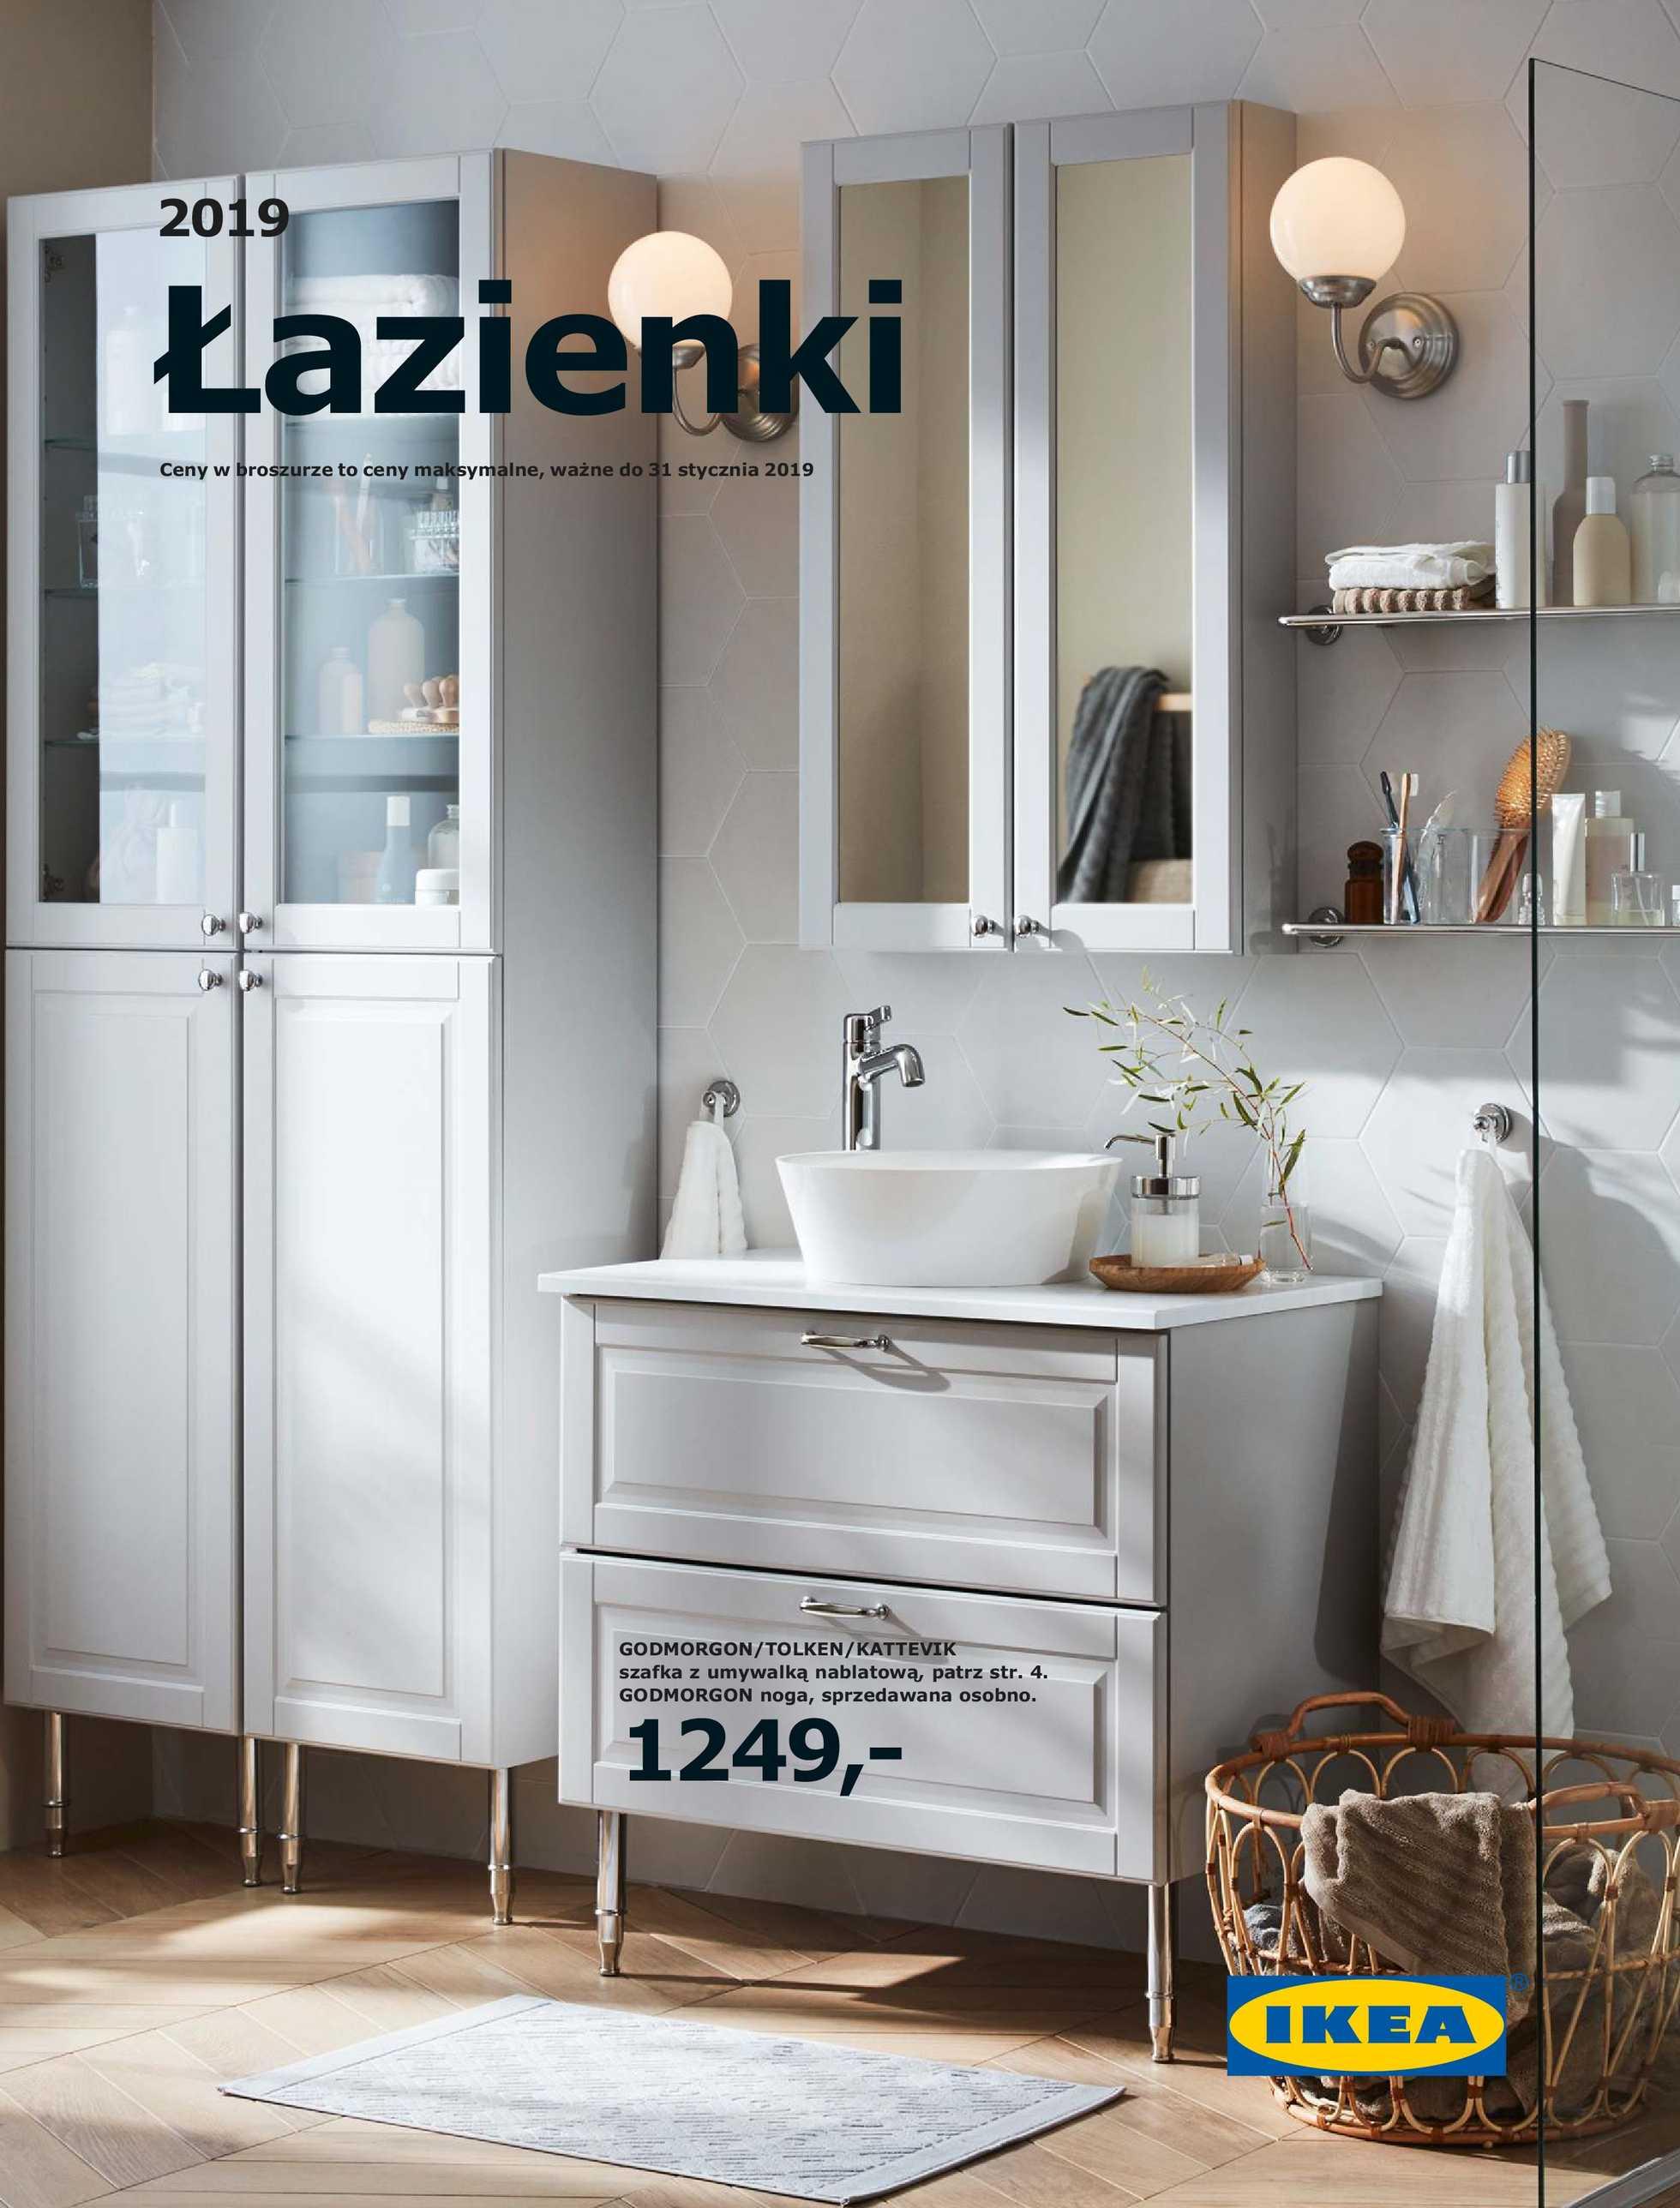 Ikea Gazetka Promocyjna 12 09 2018 Gazetkowopl